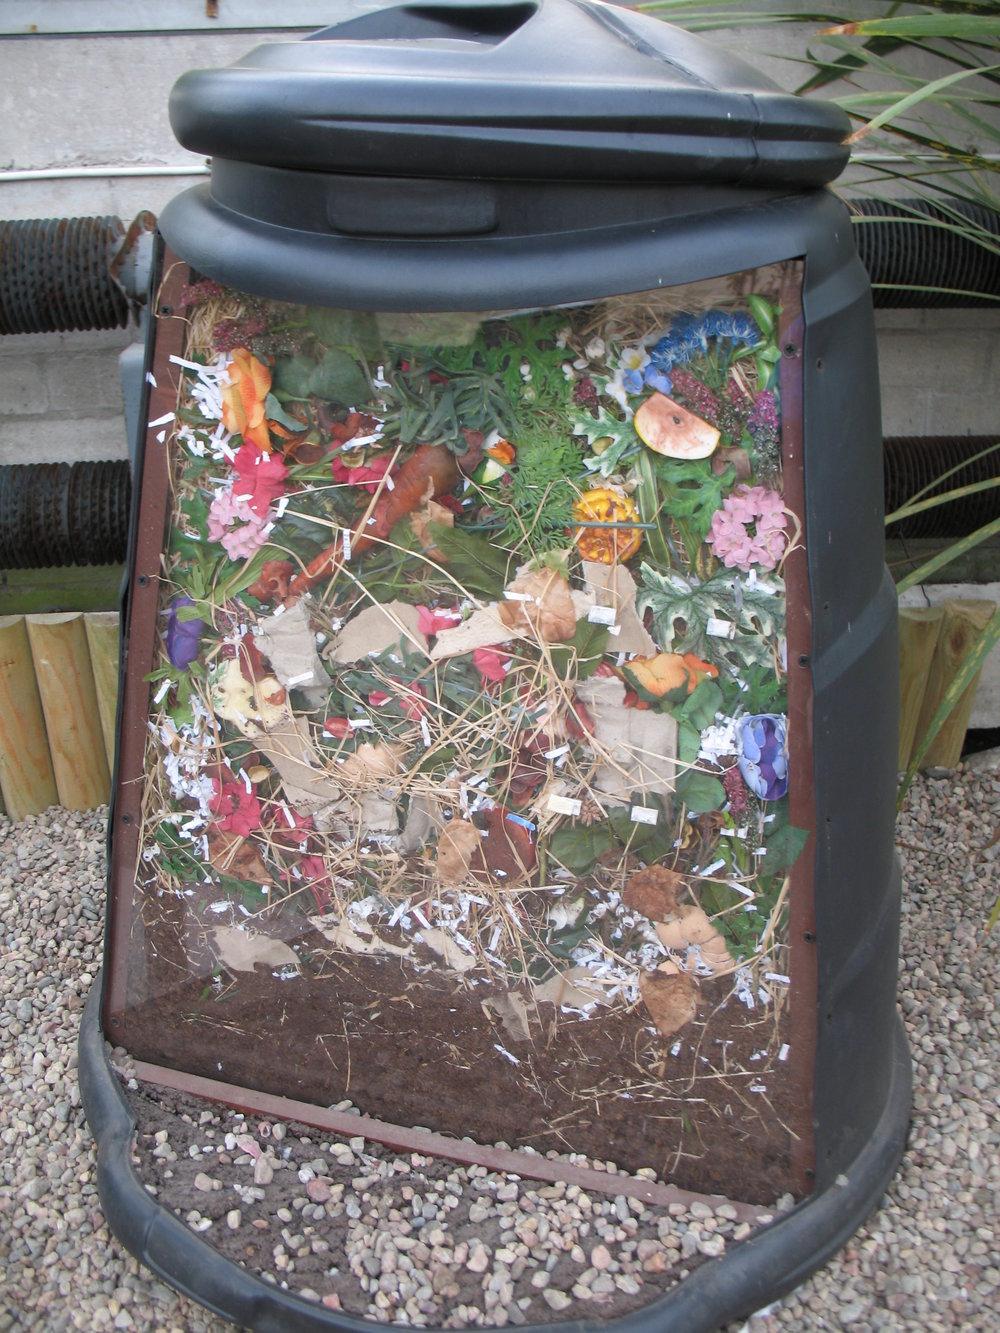 Compost_bin_cutaway_by_Bruce_McAdam.jpg